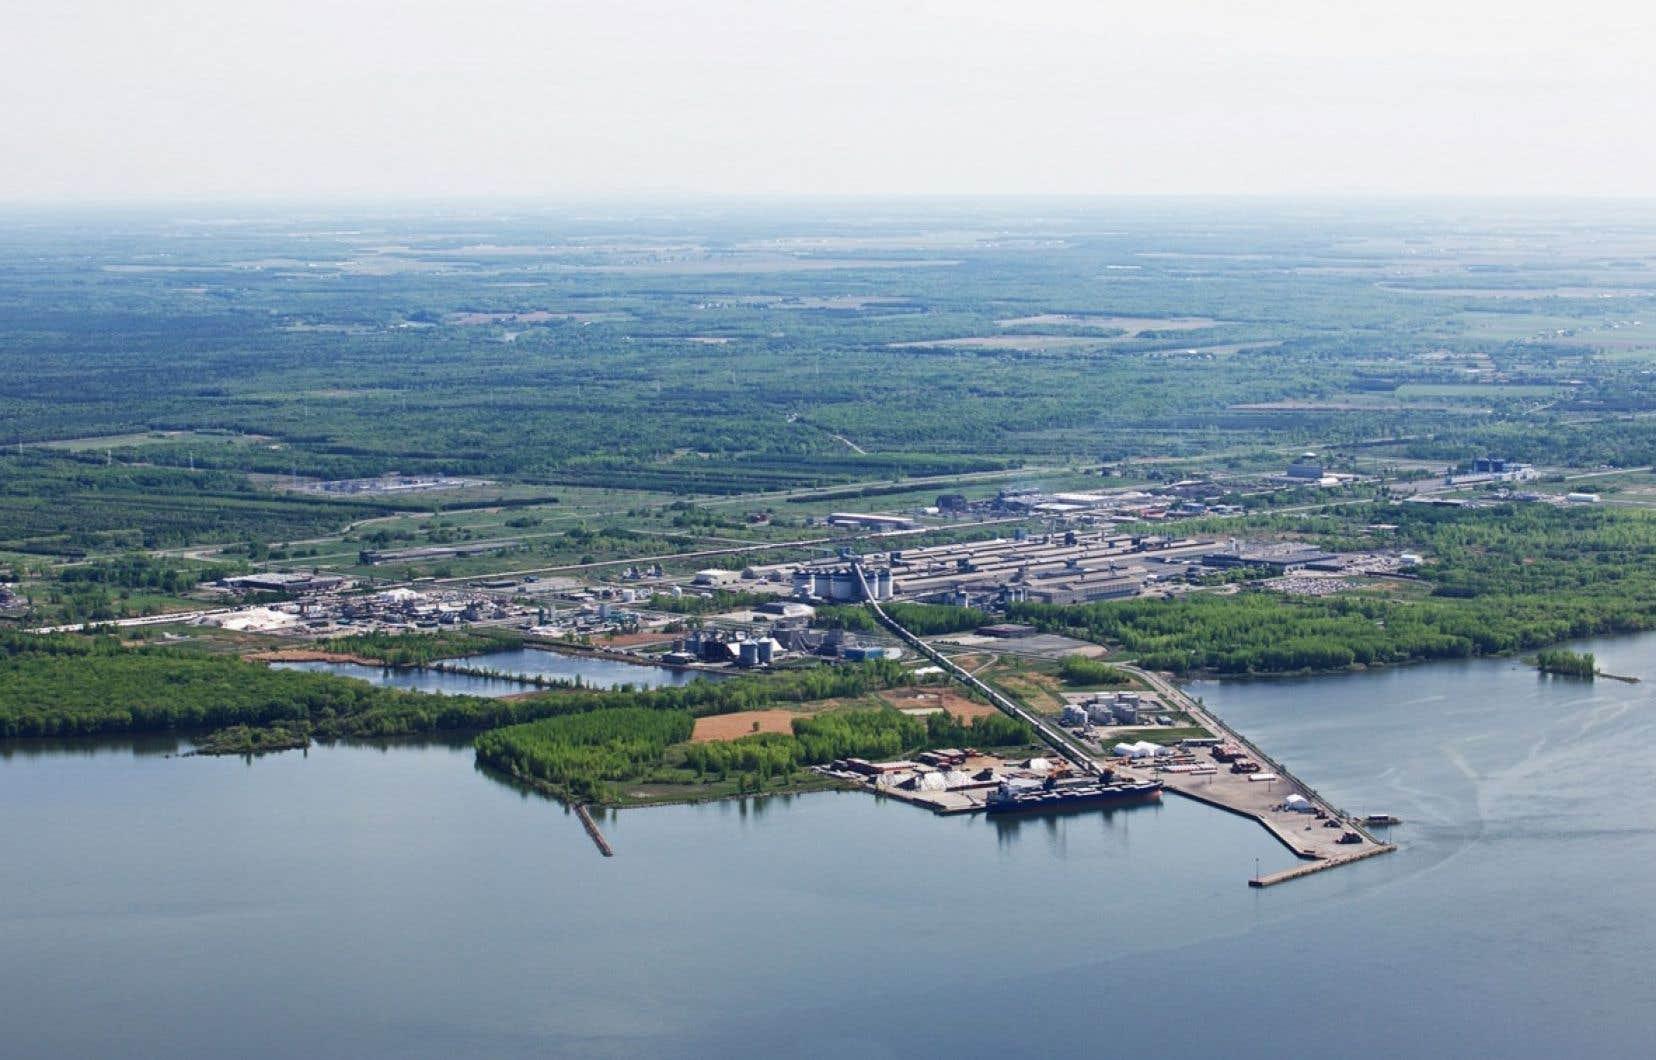 L'usine de Bécancour devait produire chaque année 780000 tonnes d'urée, ce qui signifie que la majorité de la production aurait été destinée à l'exportation.